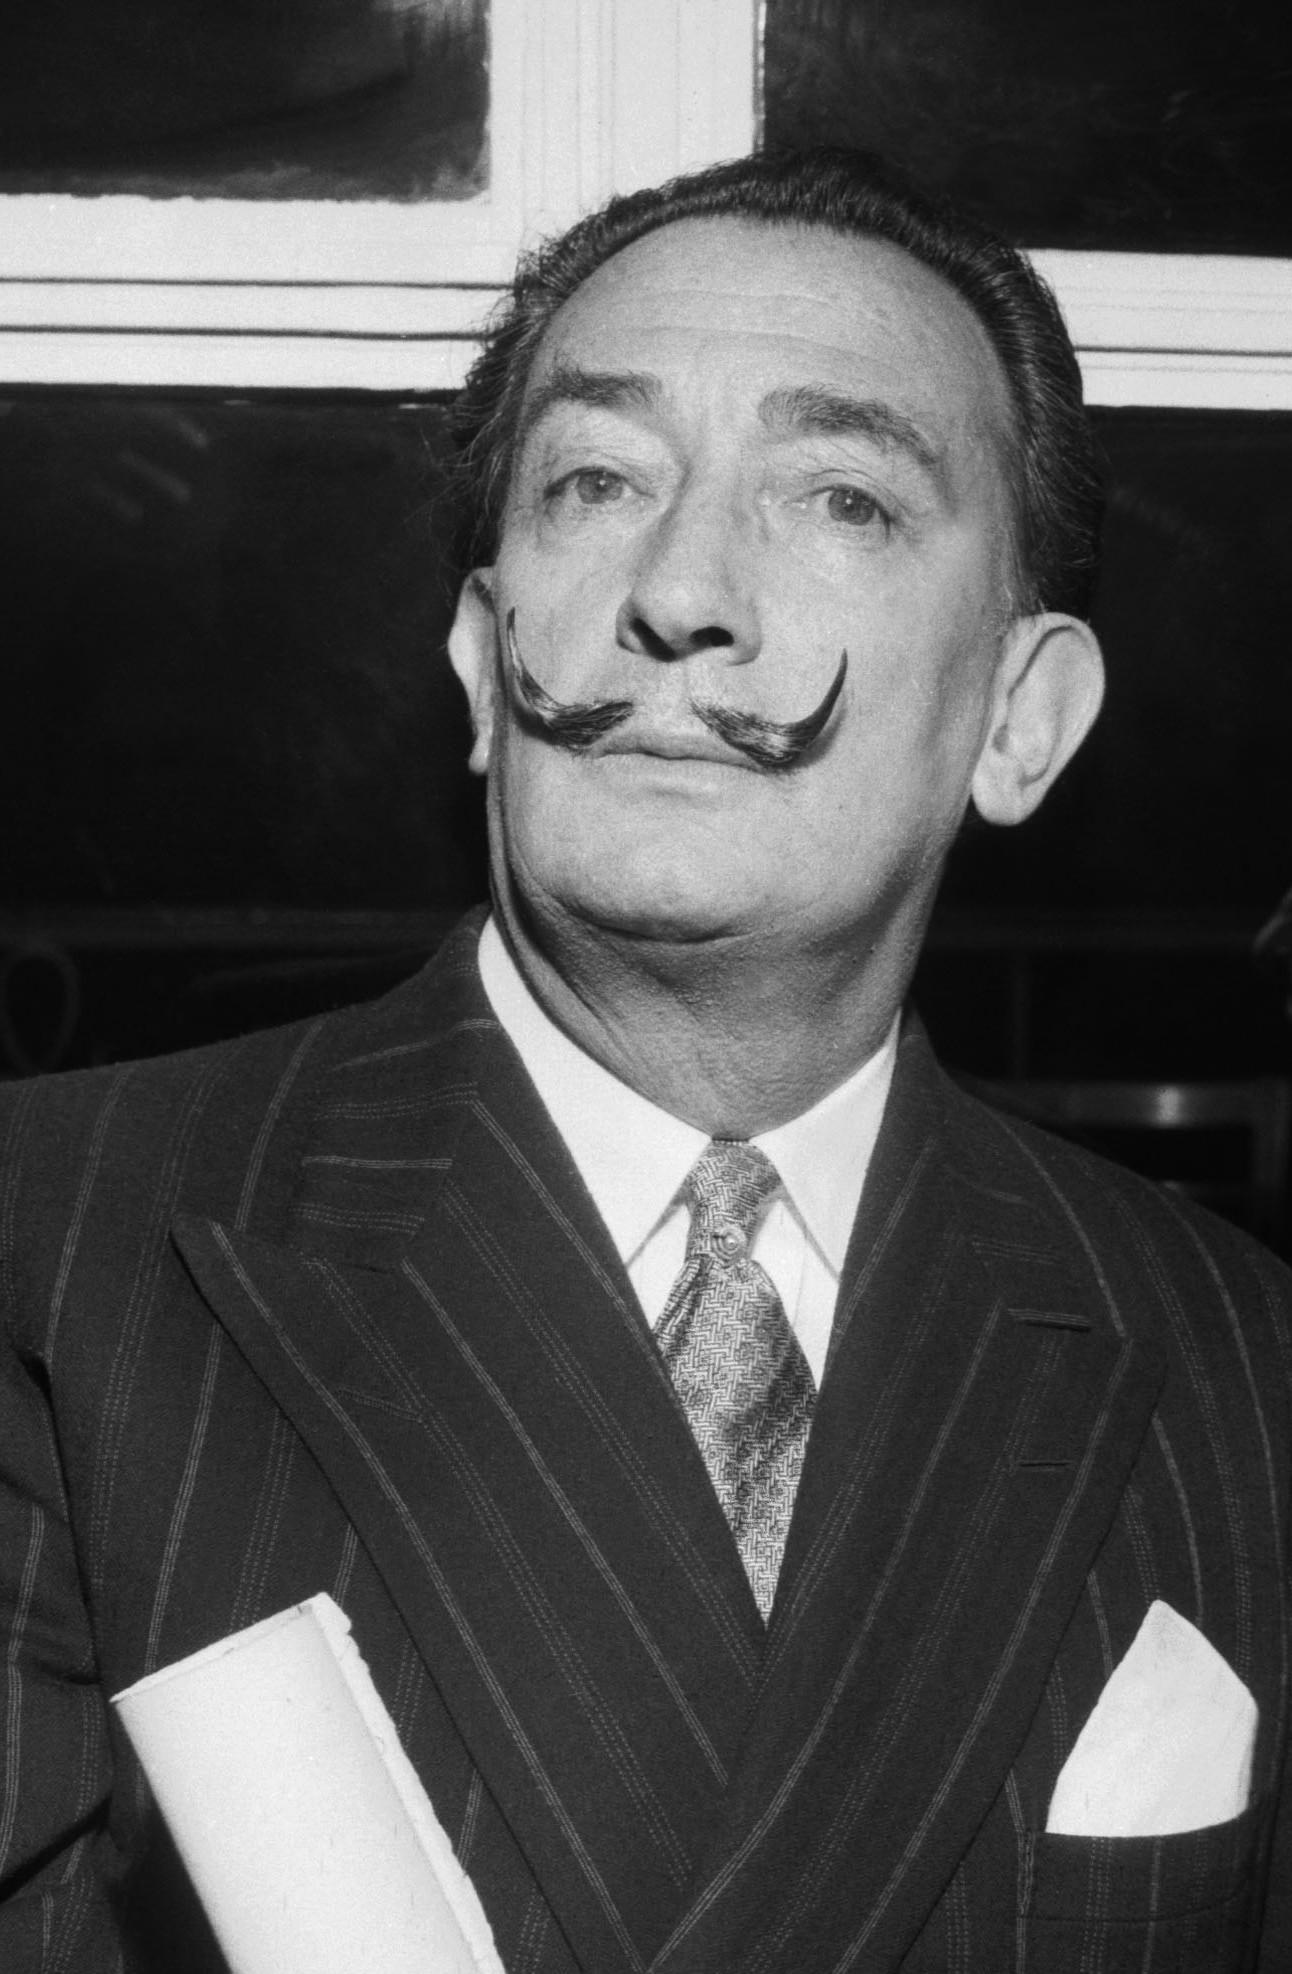 La Celebre Moustache De Salvador Dali Est Intacte